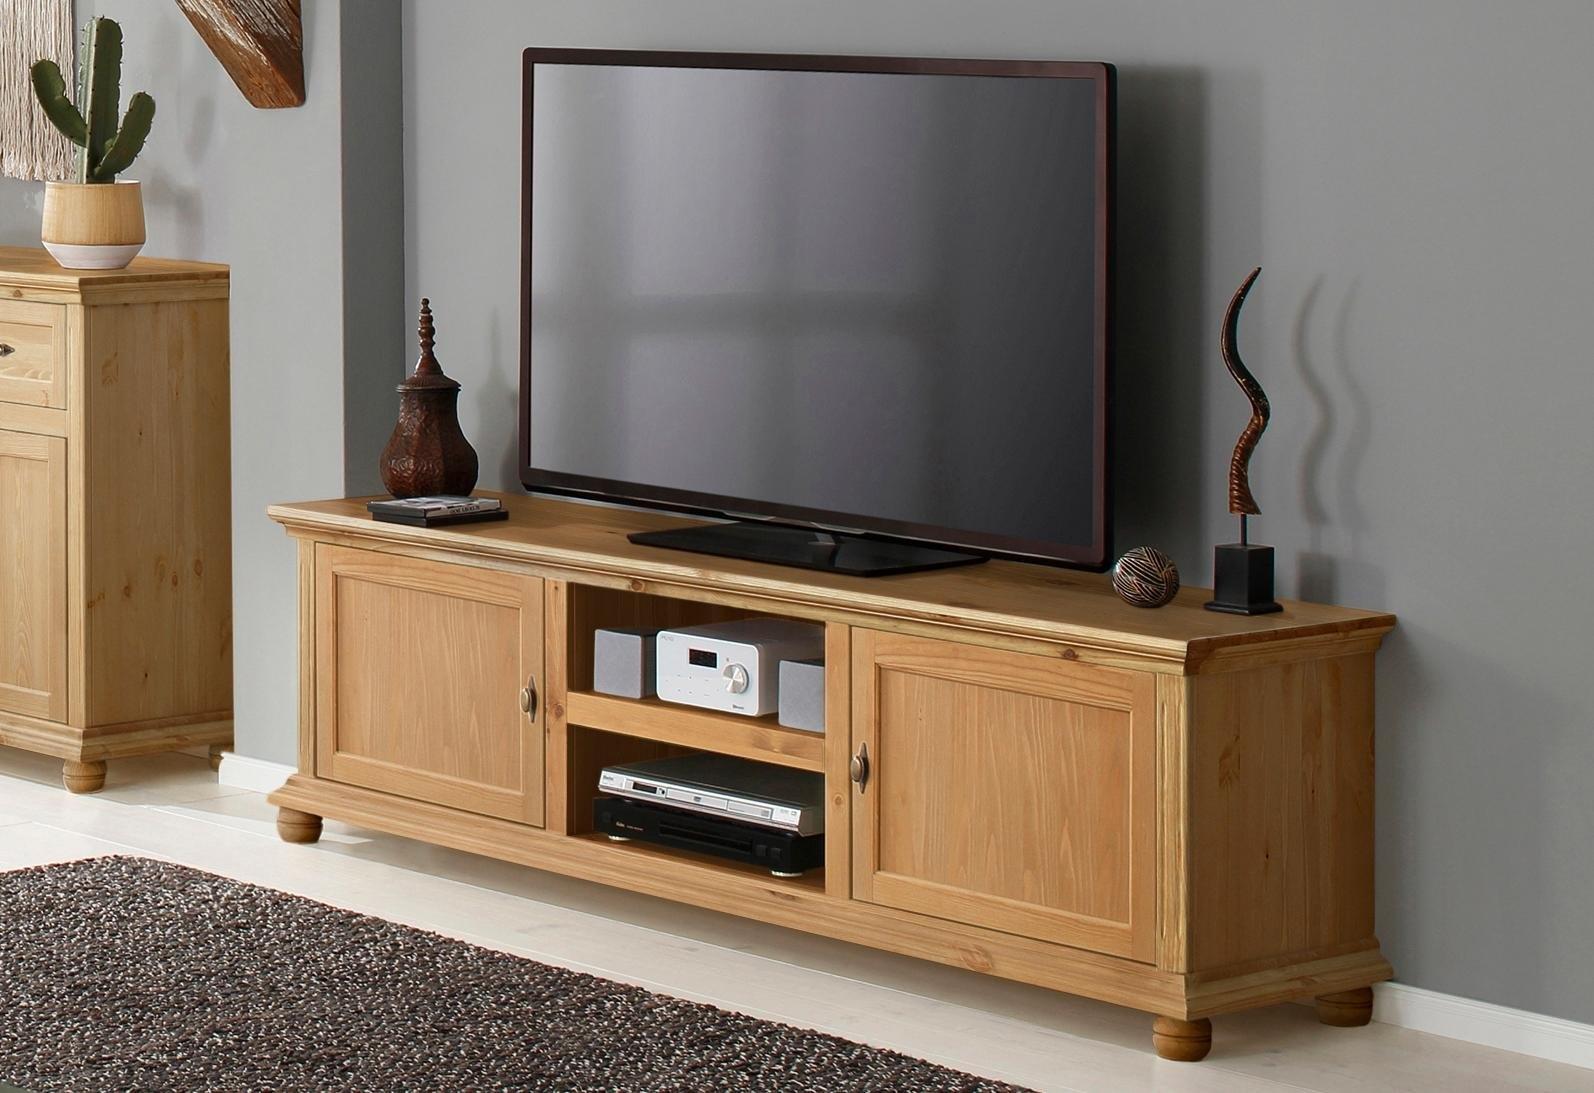 Meubels Massief Hout : Home affaire tv meubel »irena« massief hout in 2 verschillende